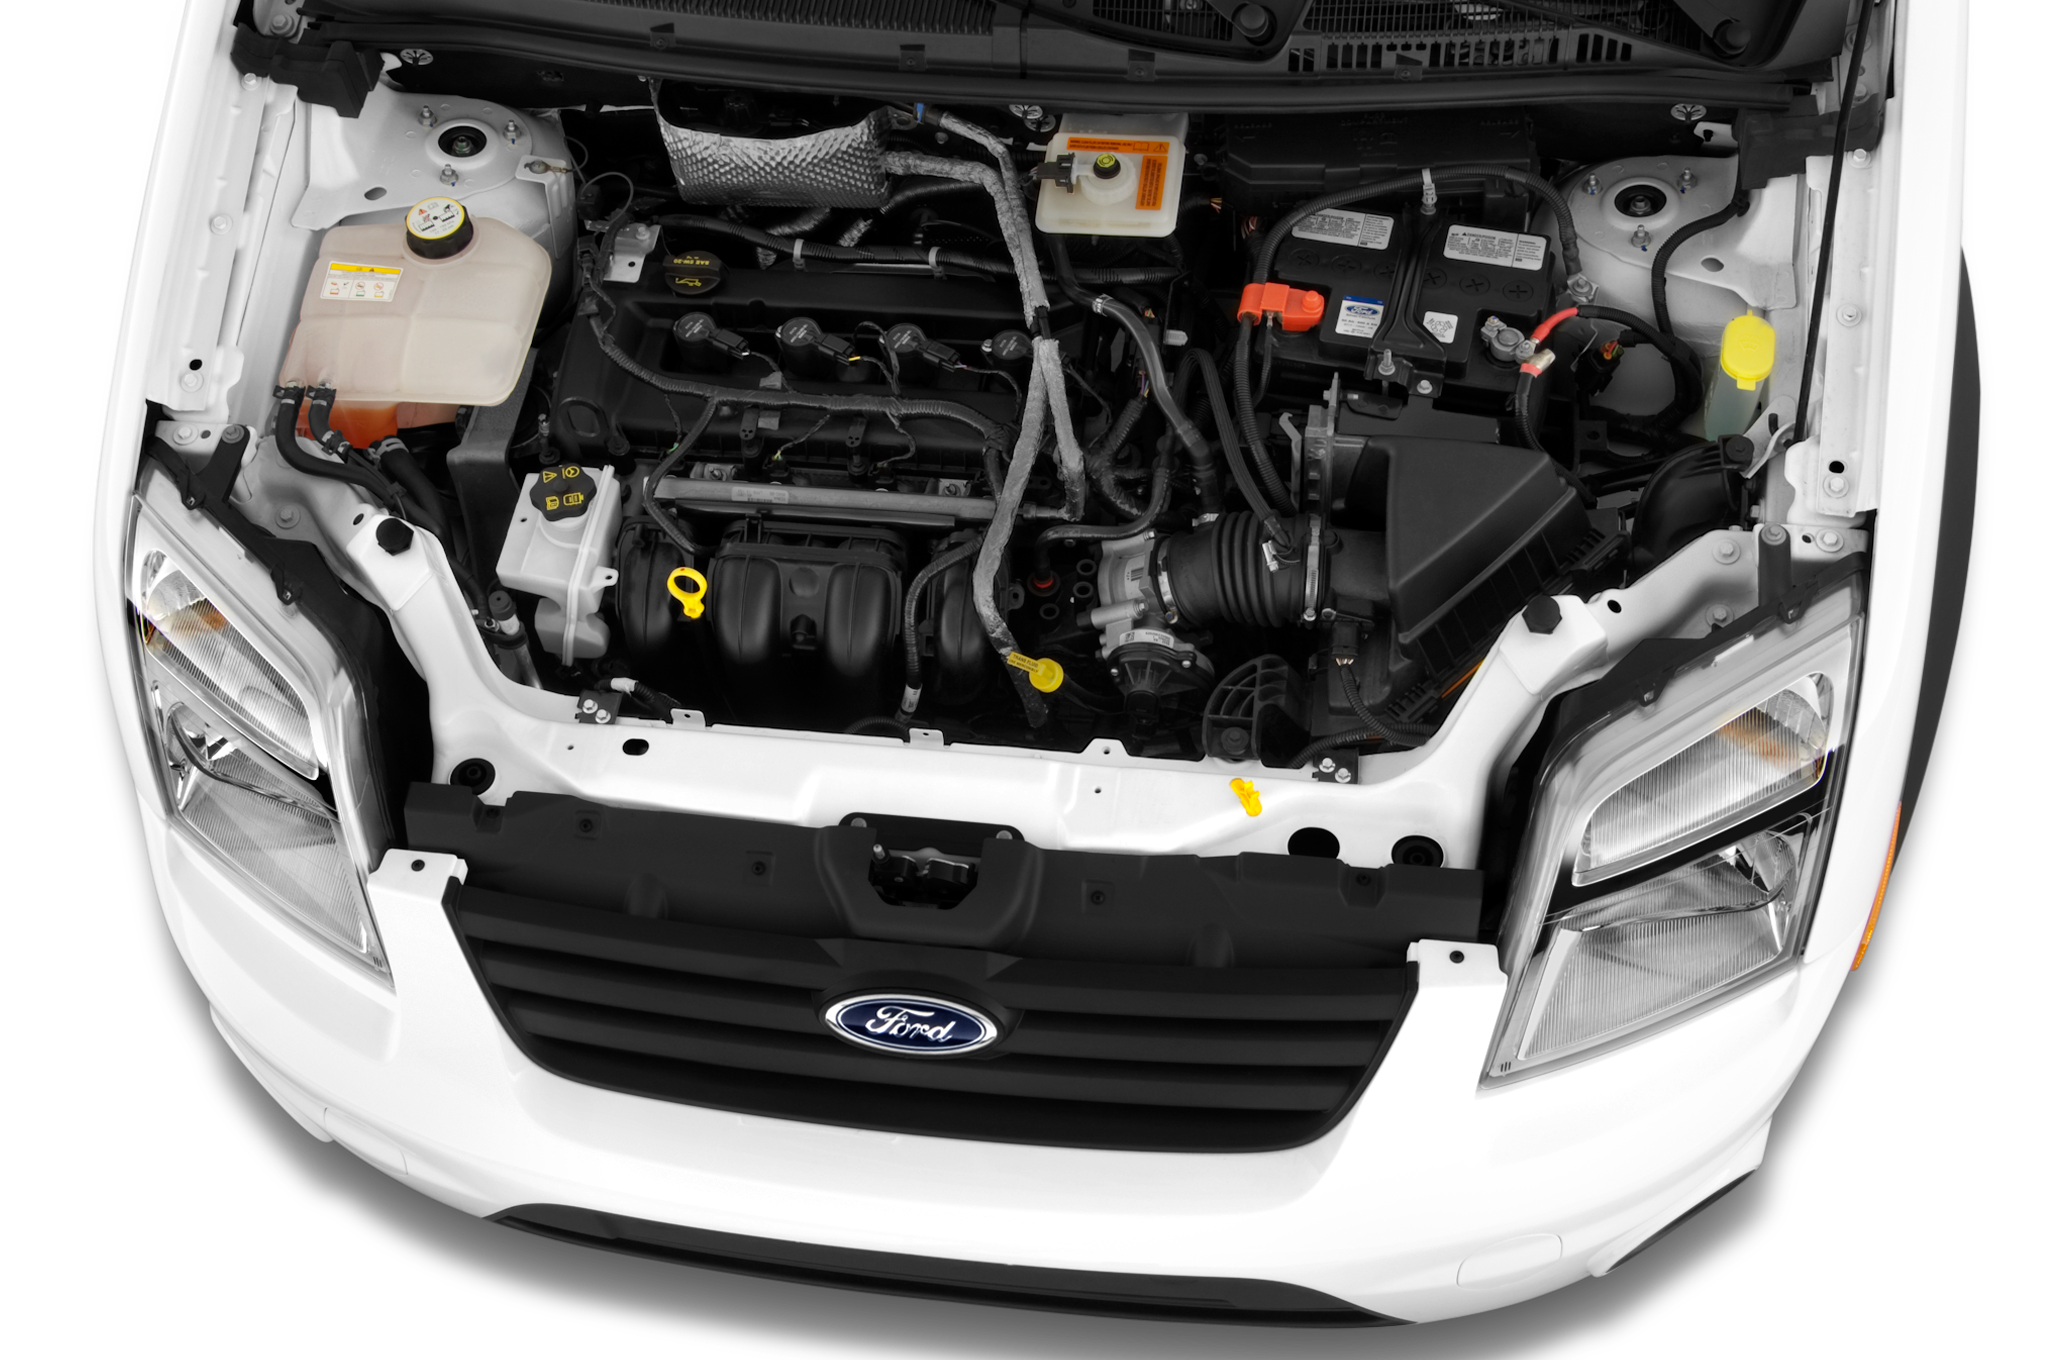 Форд фокус 2 2.0 ремонт двигателя своими руками